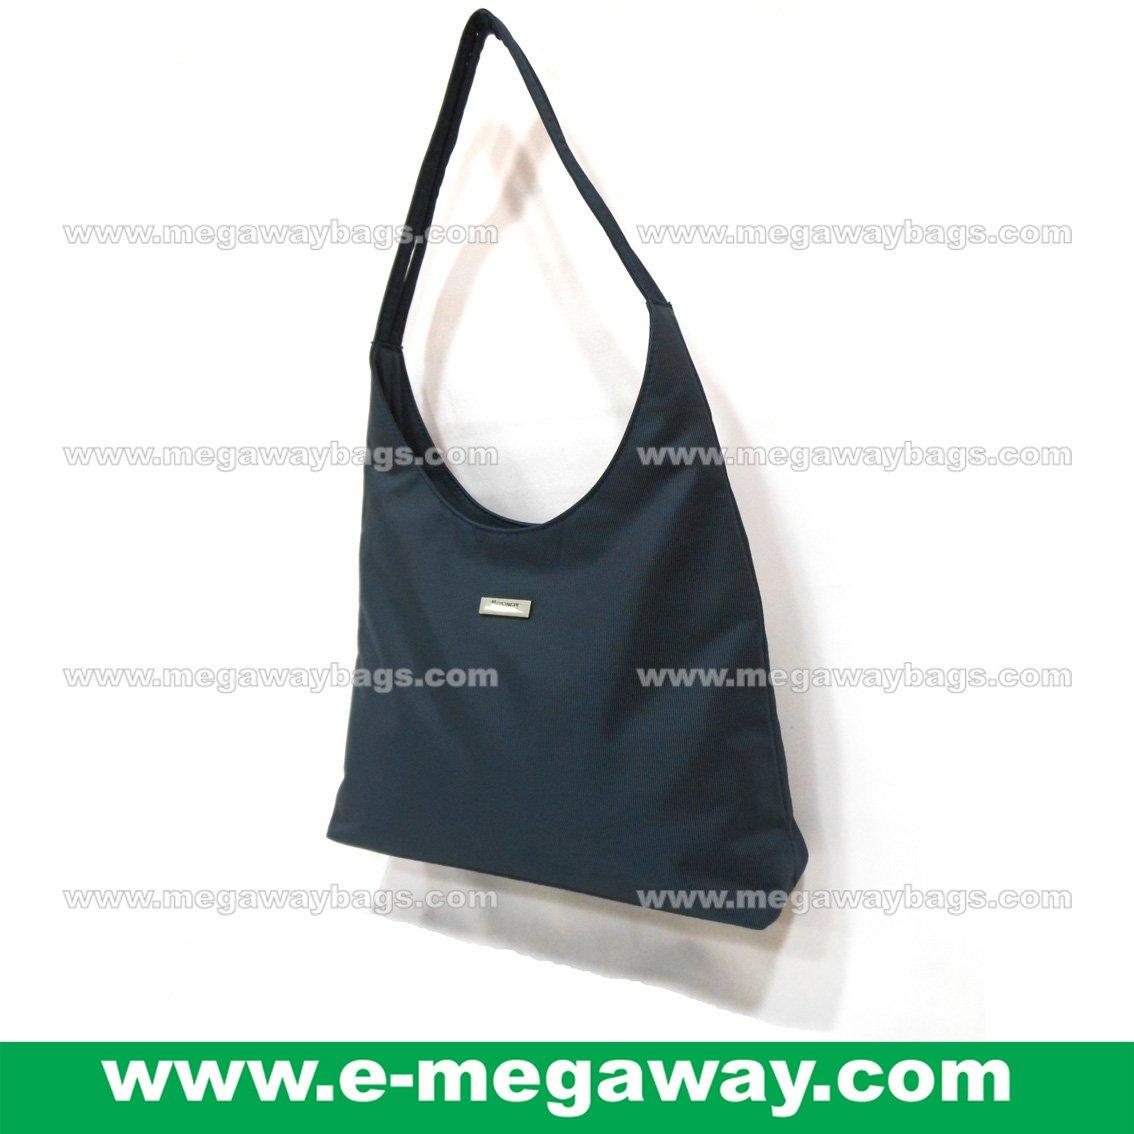 Megaway Fashion Handbag Women Handbag MegawayBags #CC- 0988